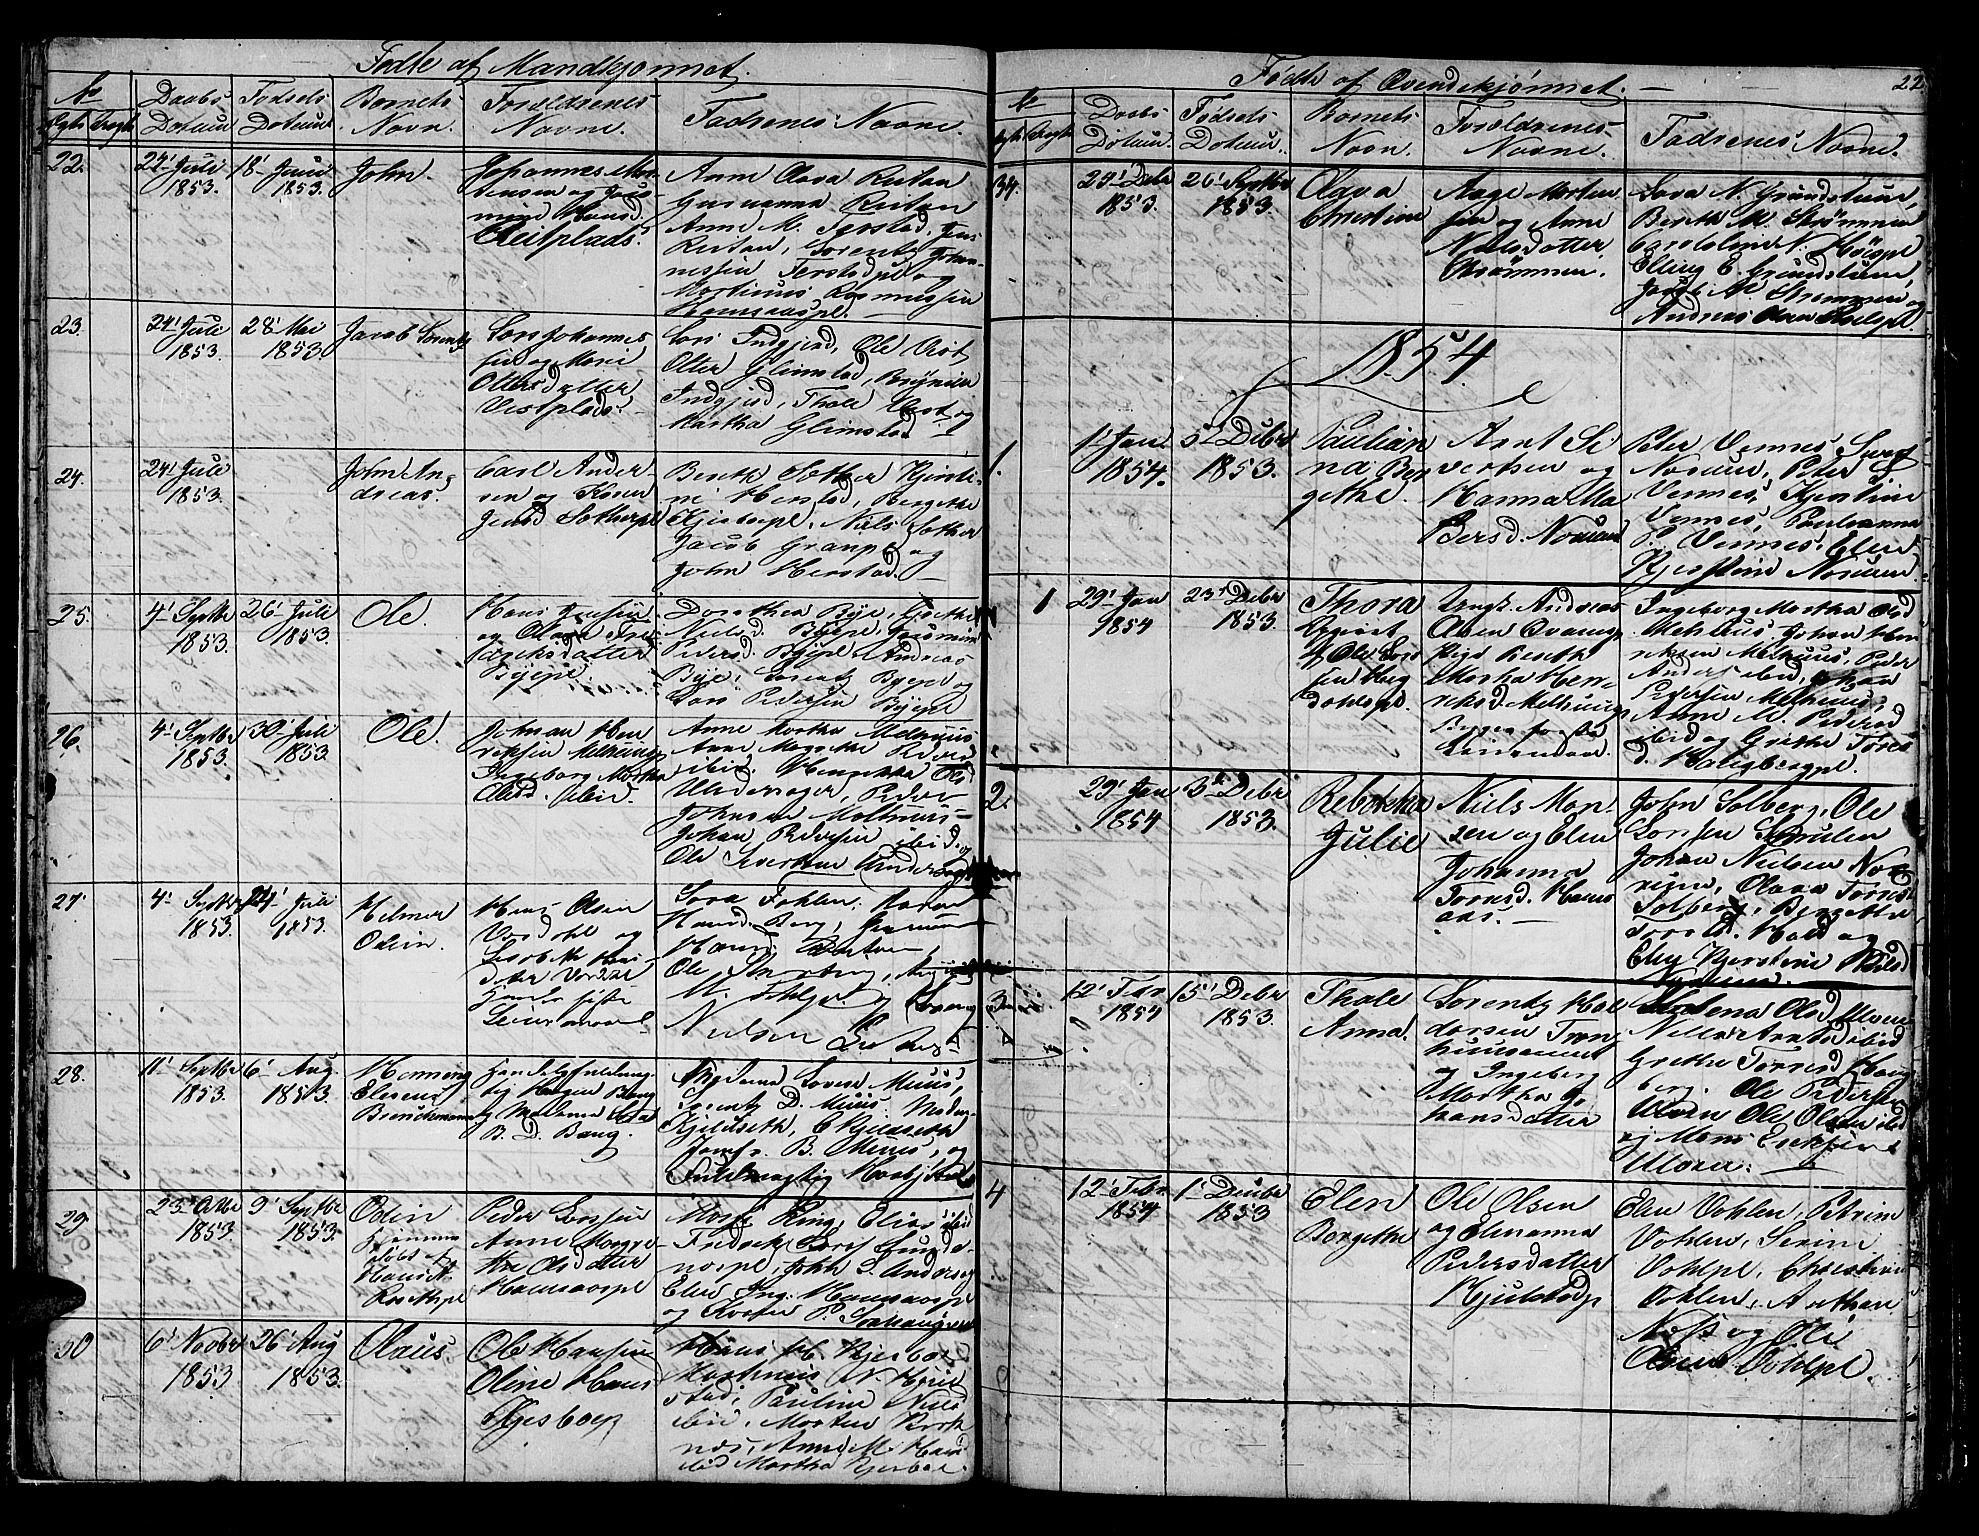 SAT, Ministerialprotokoller, klokkerbøker og fødselsregistre - Nord-Trøndelag, 730/L0299: Klokkerbok nr. 730C02, 1849-1871, s. 22